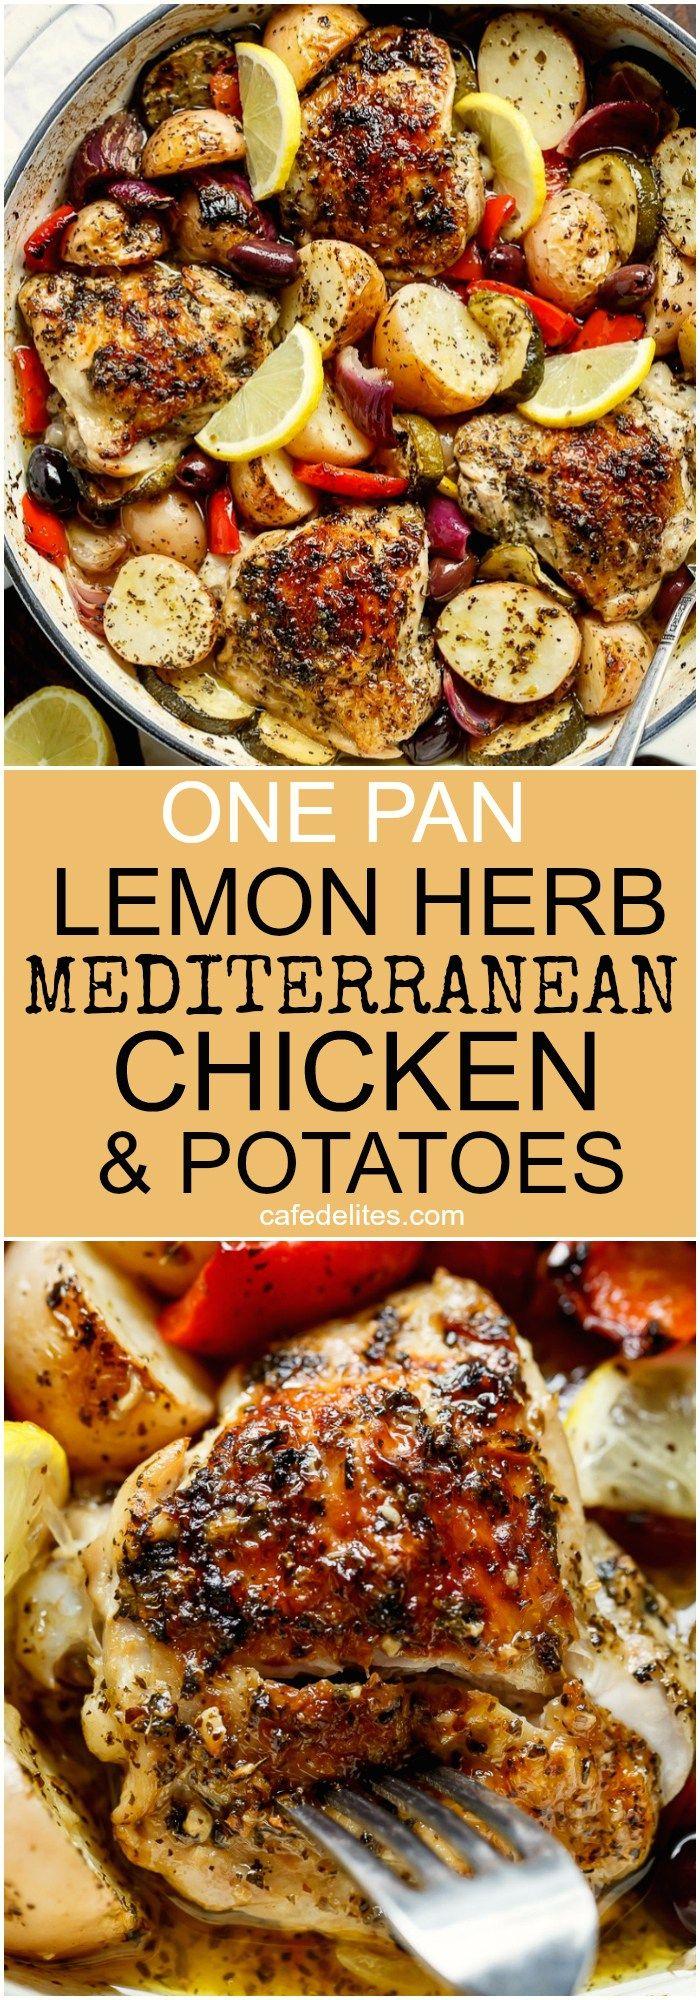 Garlic Lemon Herb Mediterranean Chicken + Potatoes (One Pan)